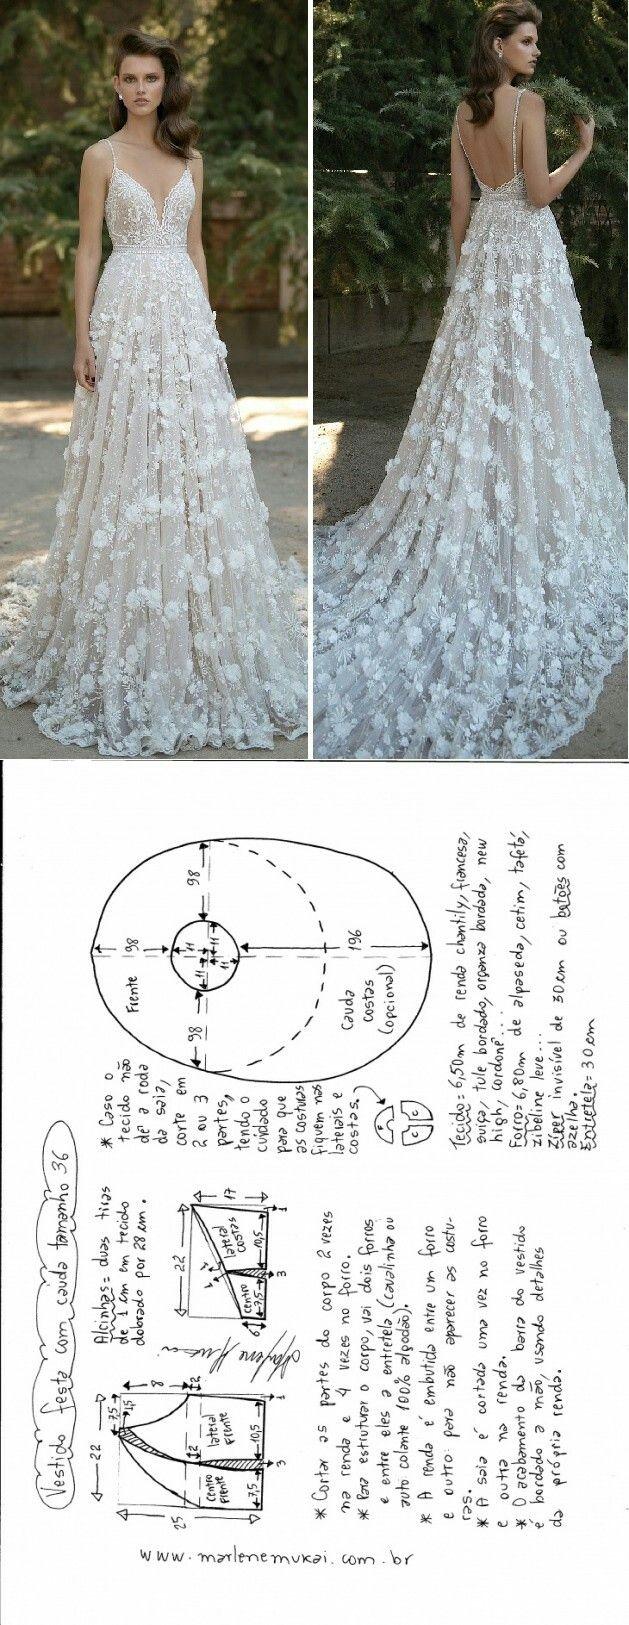 Vestido de novia sencillo de hacer | costura | Vestidos, Costura y ...